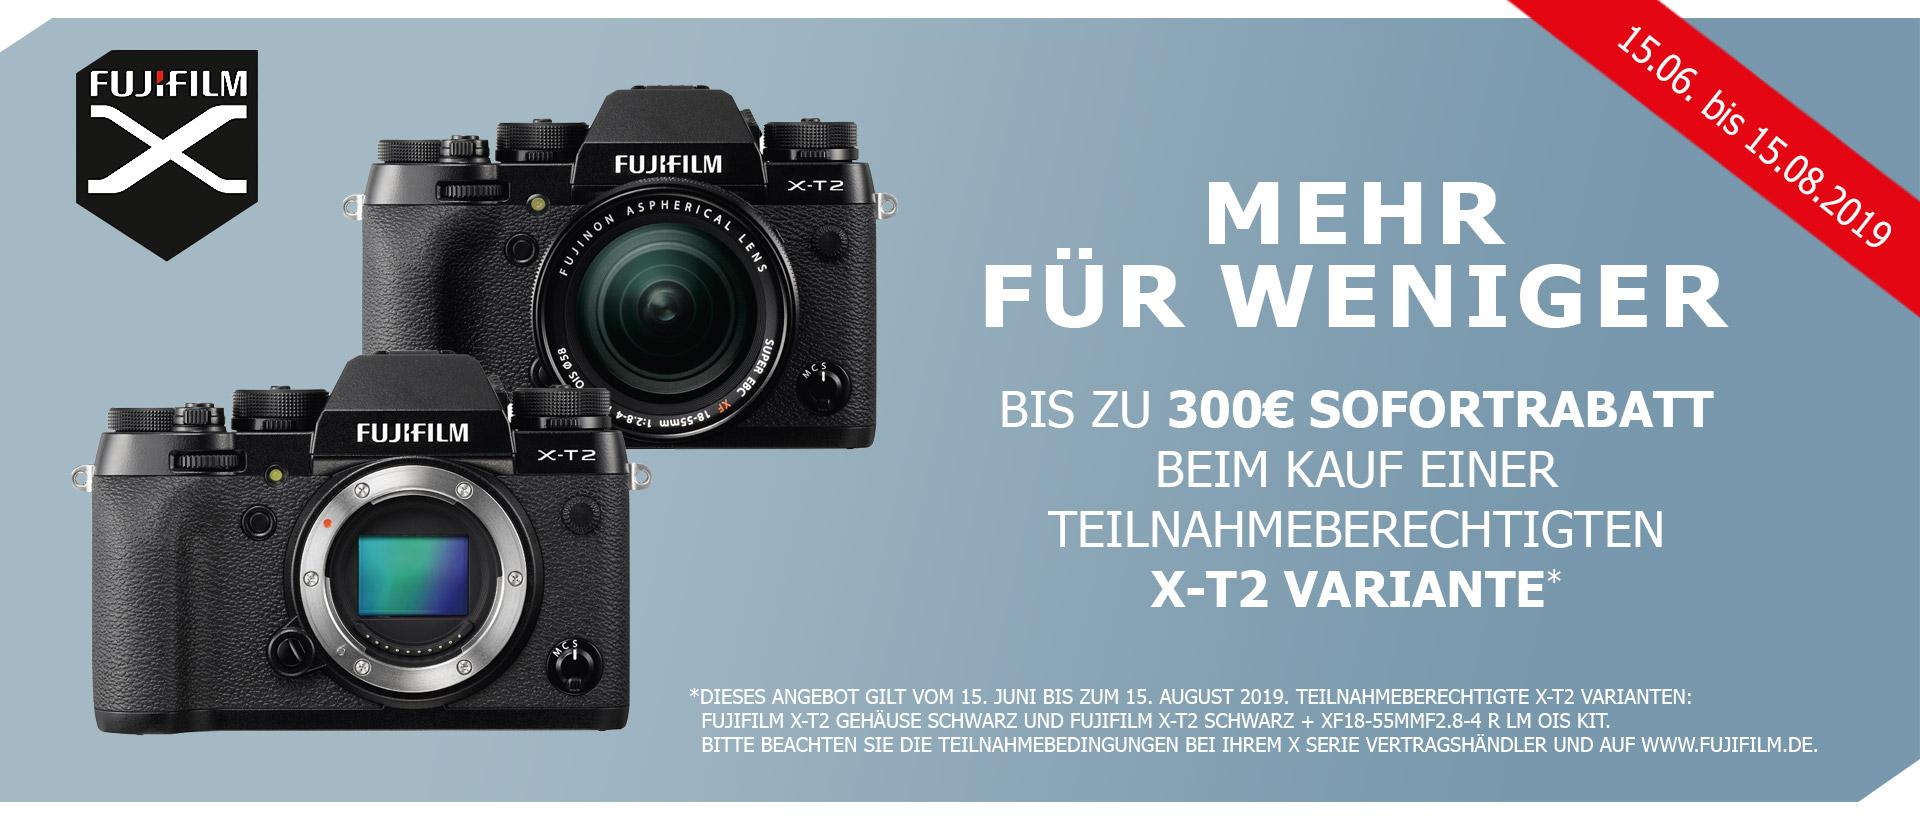 Fujifilm X-T2 Sofortrabatt